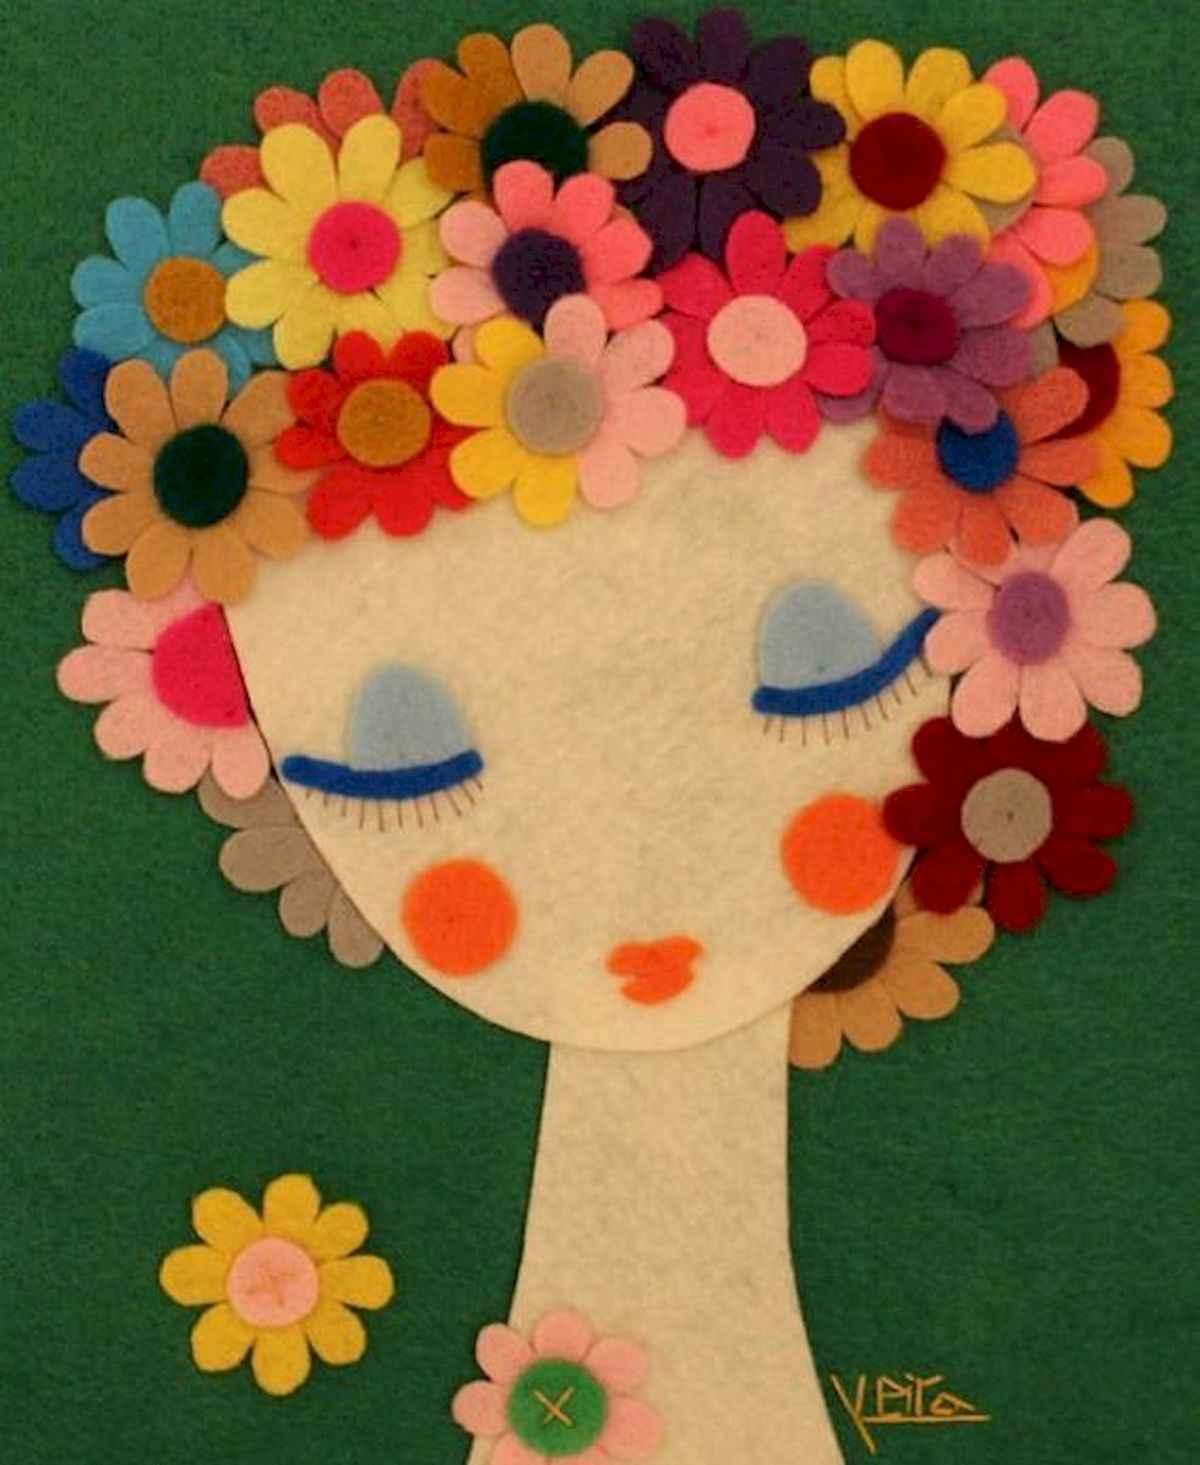 40 Easy Diy Spring Crafts Ideas For Kids 31 Coachdecor Com